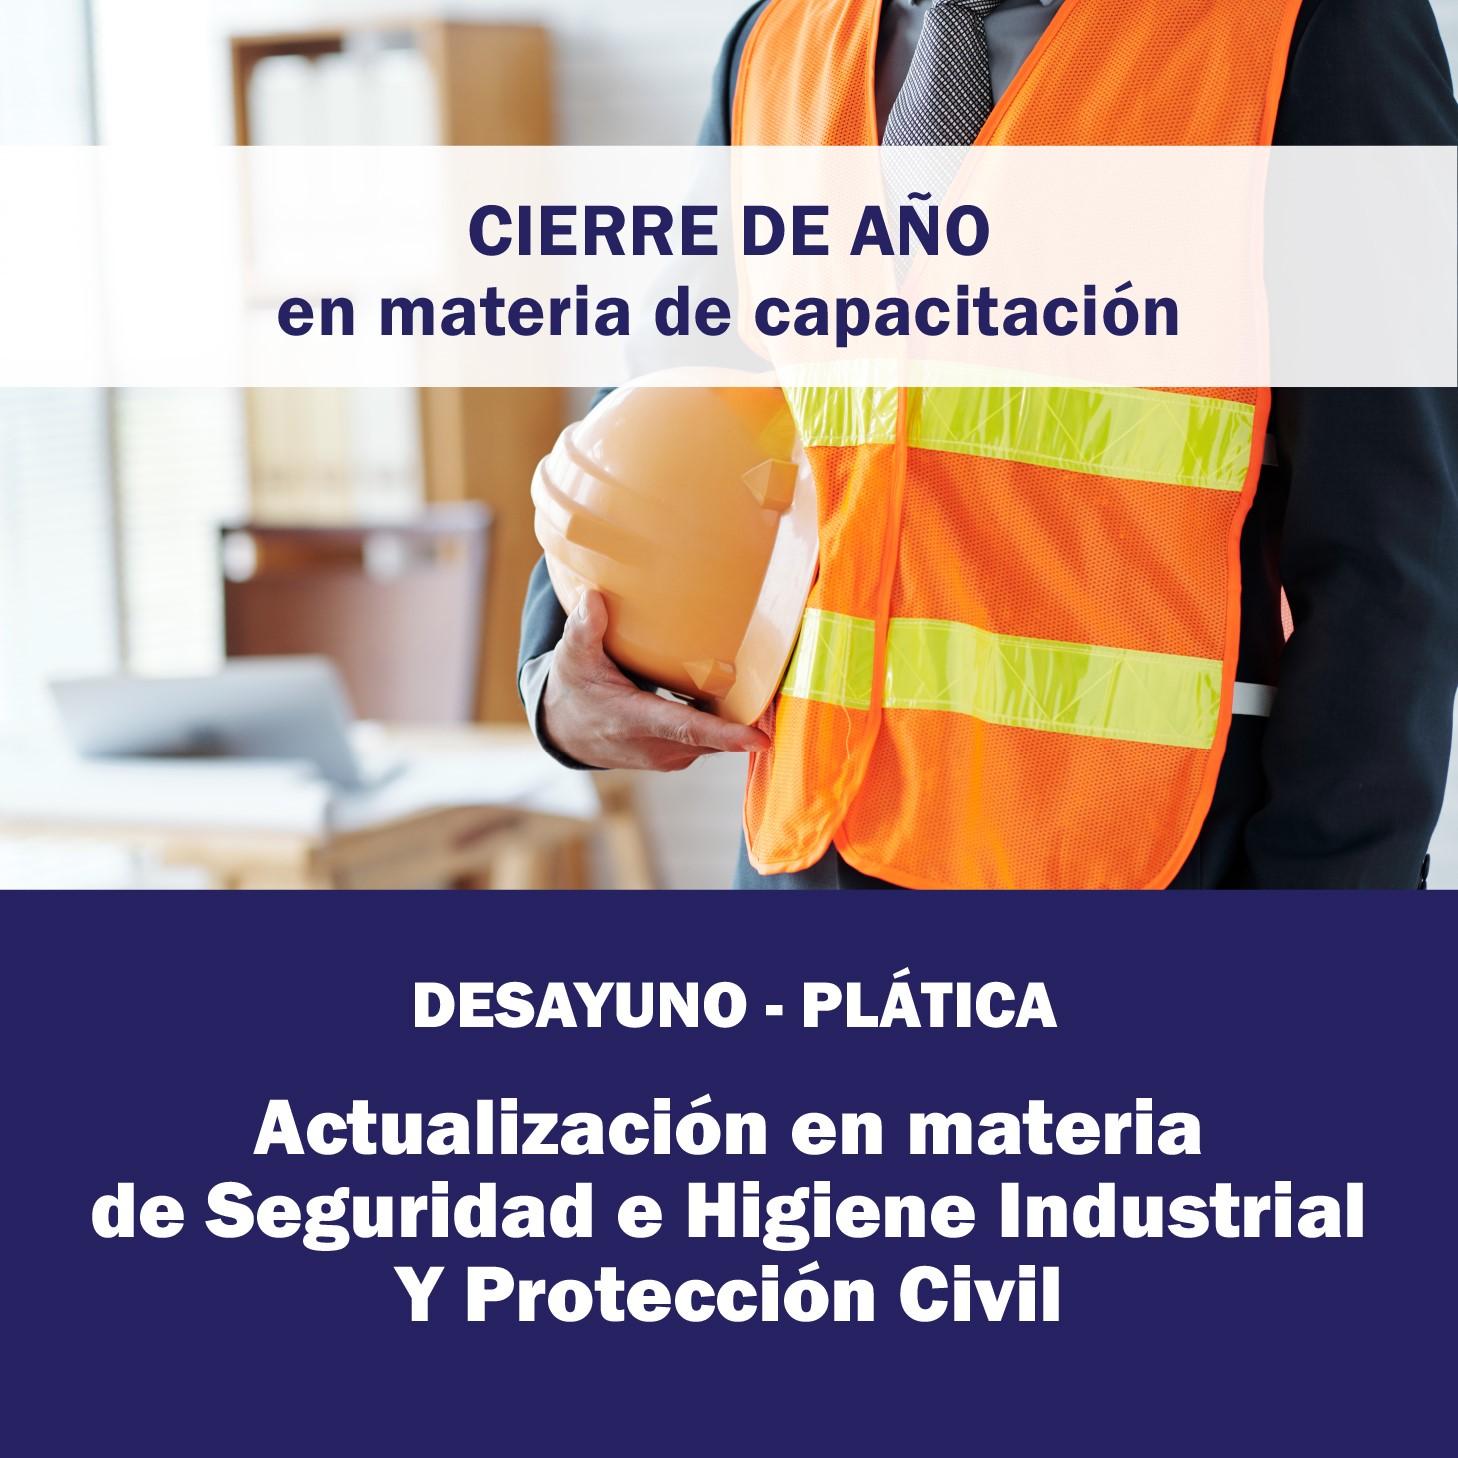 Actualización en materia de Seguridad Industrial e Higiene Industrial y Protección Civil